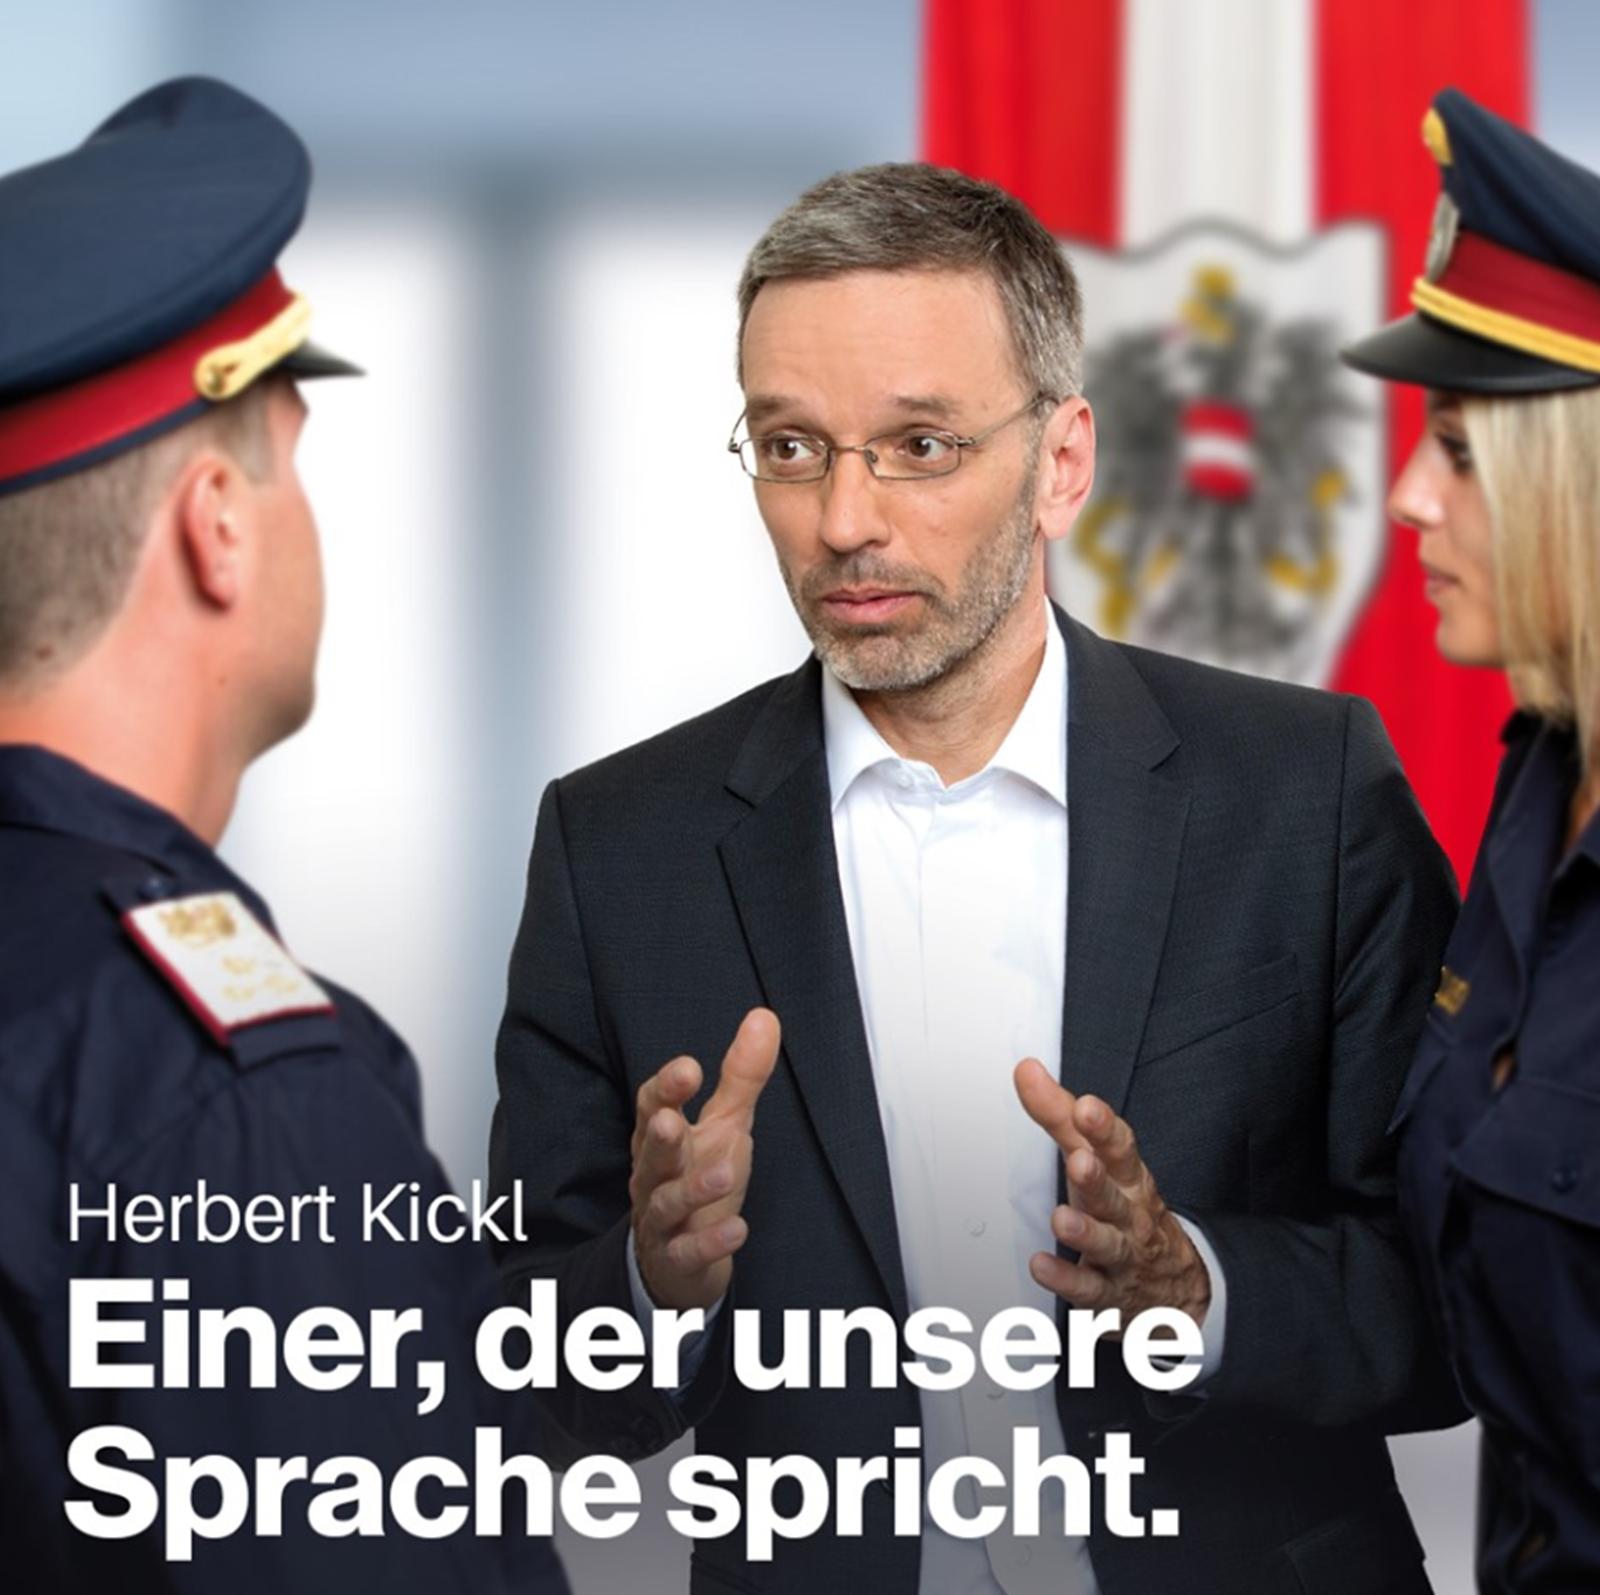 Wahlslogan 2019 der FPÖ: Einer der unsere Sprache spricht